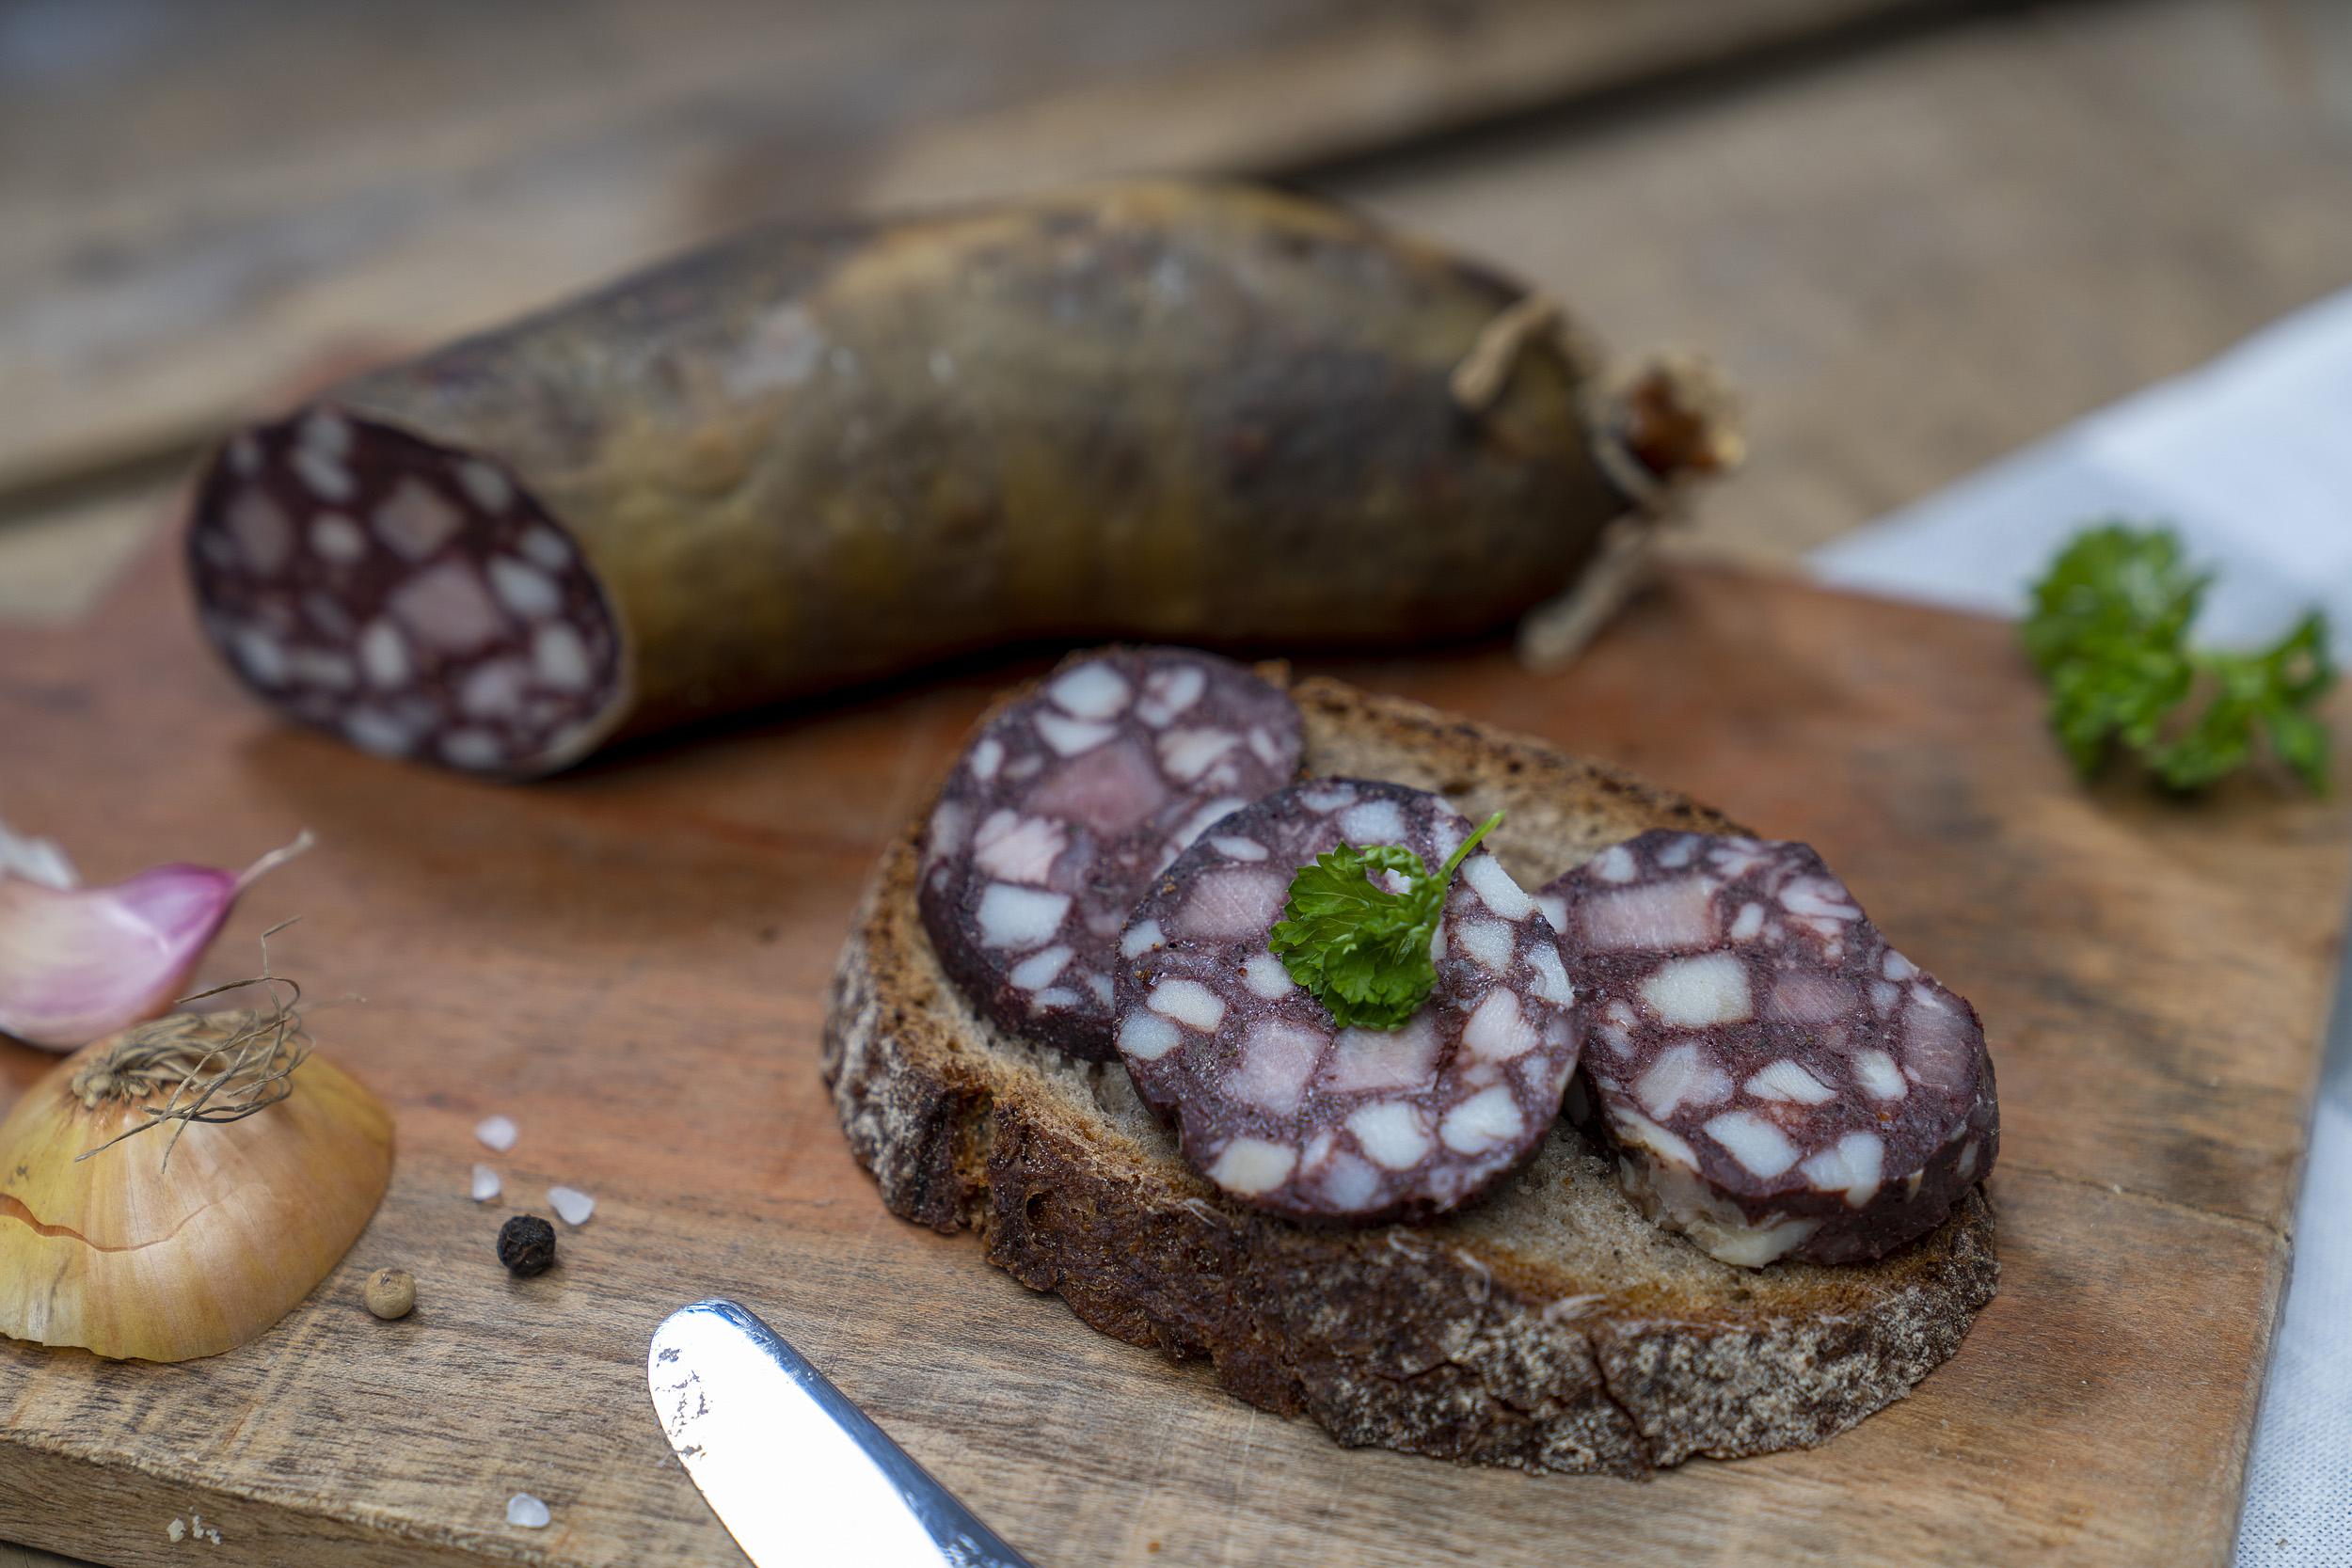 Eine Scheibe Brot mit Rotwurst Scheiben. Auf dem Brett Kräuter, Zwiebeln und die Wurst.